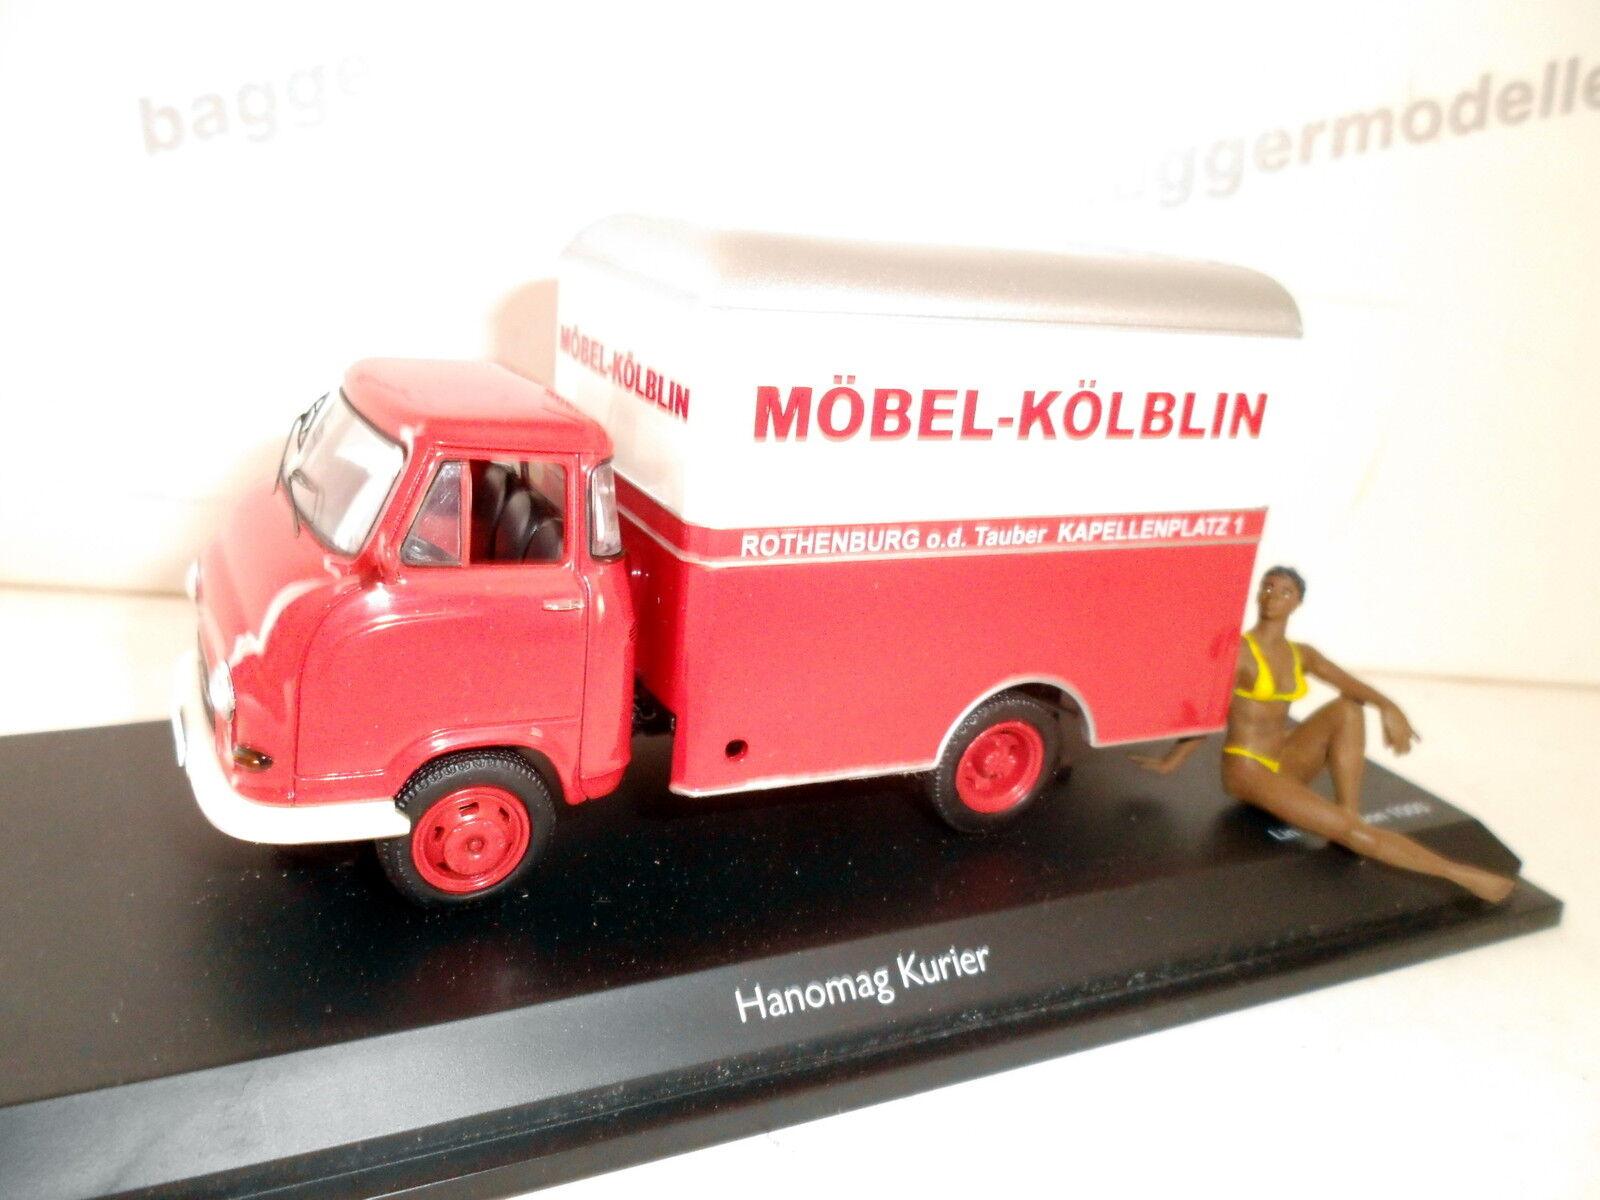 HANOMAG courrier Boîte voiture  meubles kölblin  schuco 1 43